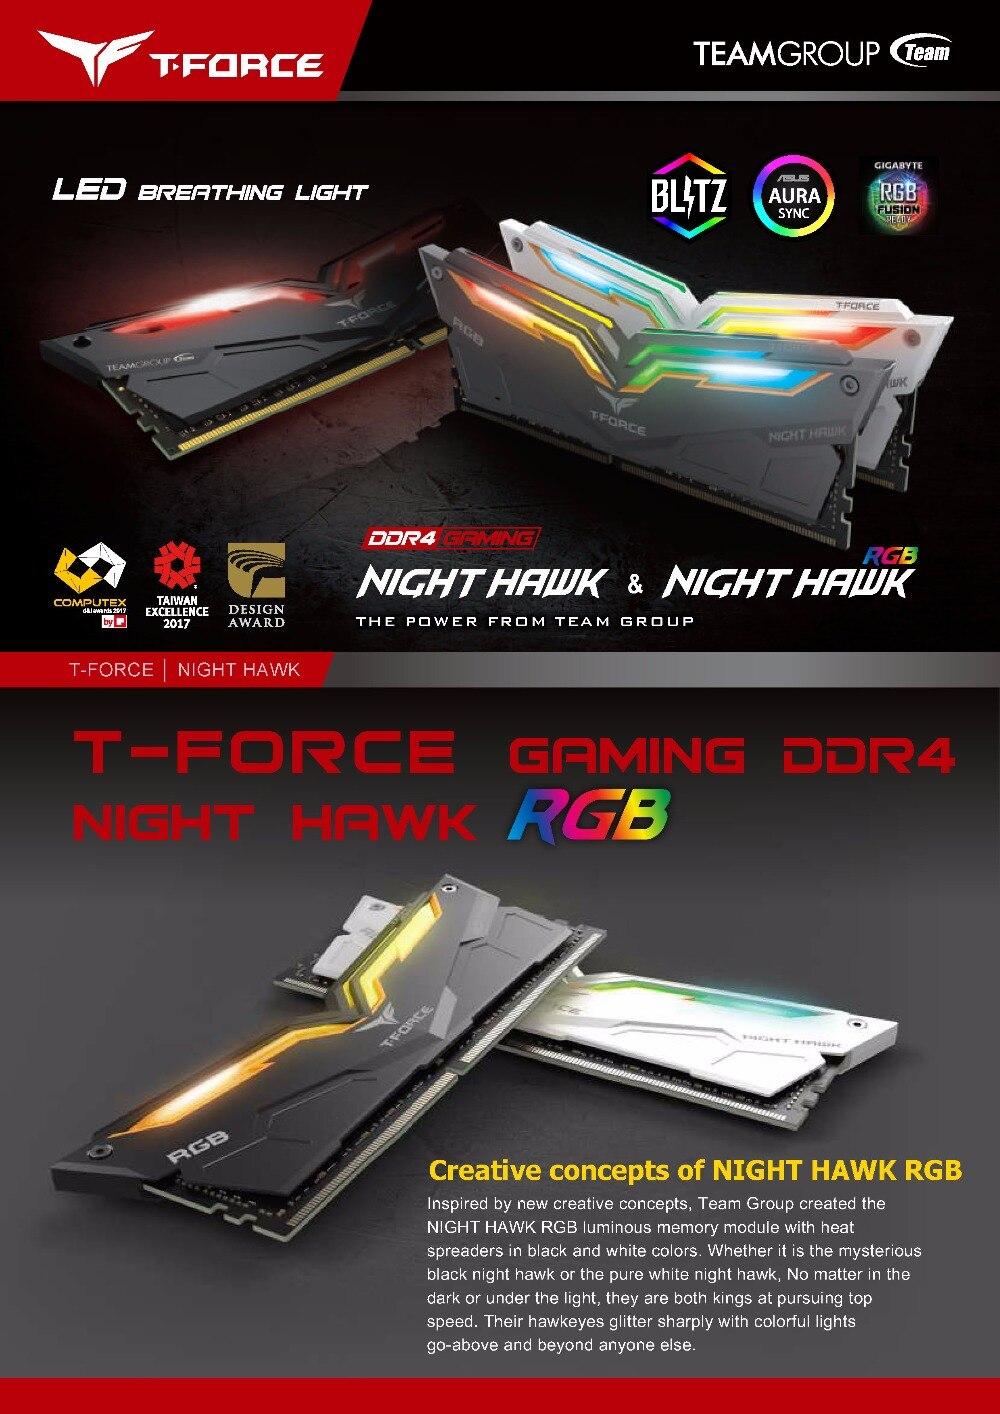 NIGHT HAWK DDR4__1